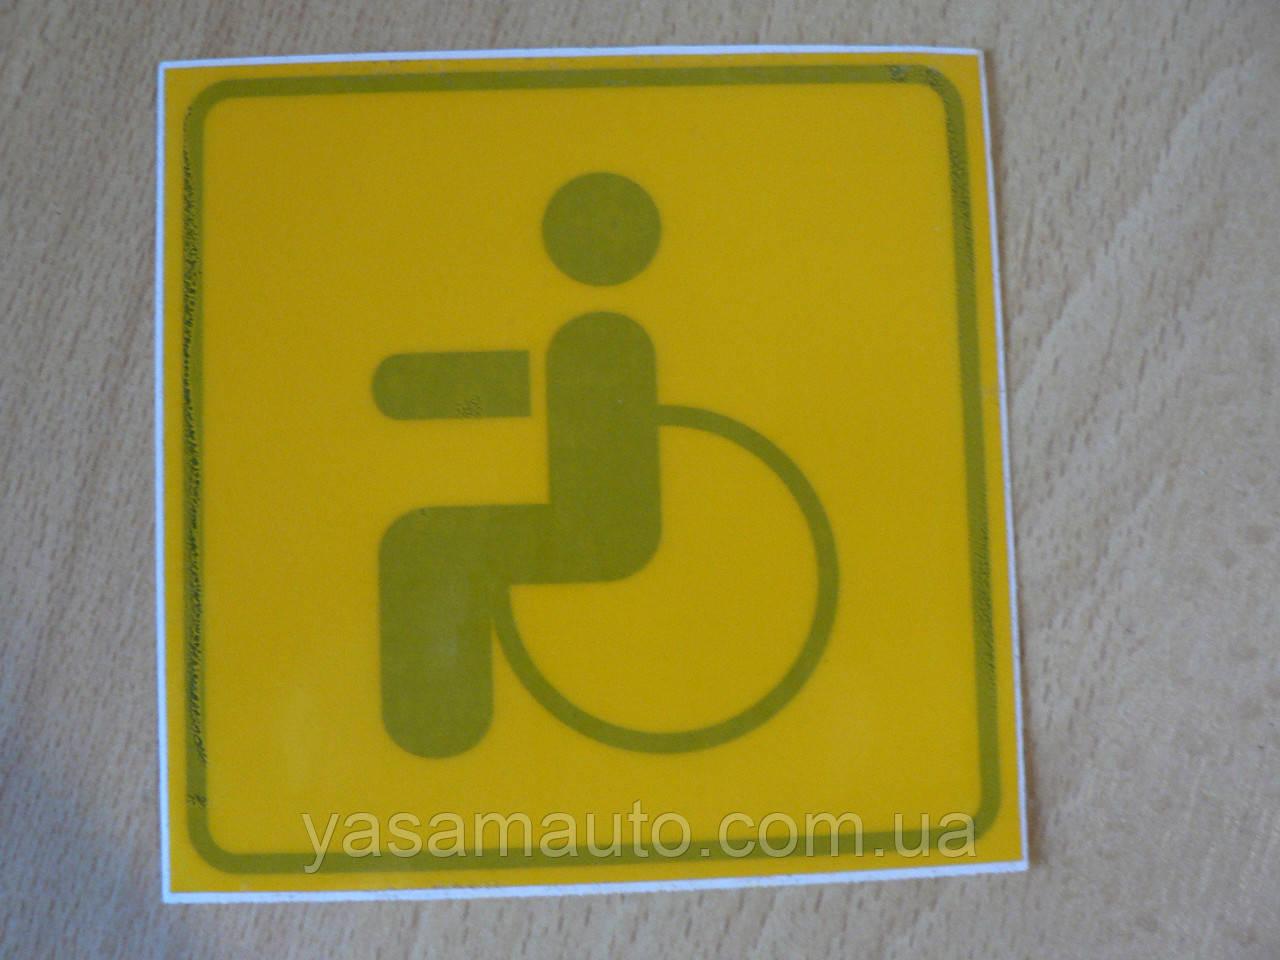 Наклейка п4 Инвалид желтая внутренняя 97х97мм №8 неравномерность закругленный рисунок  в на авто под стекло